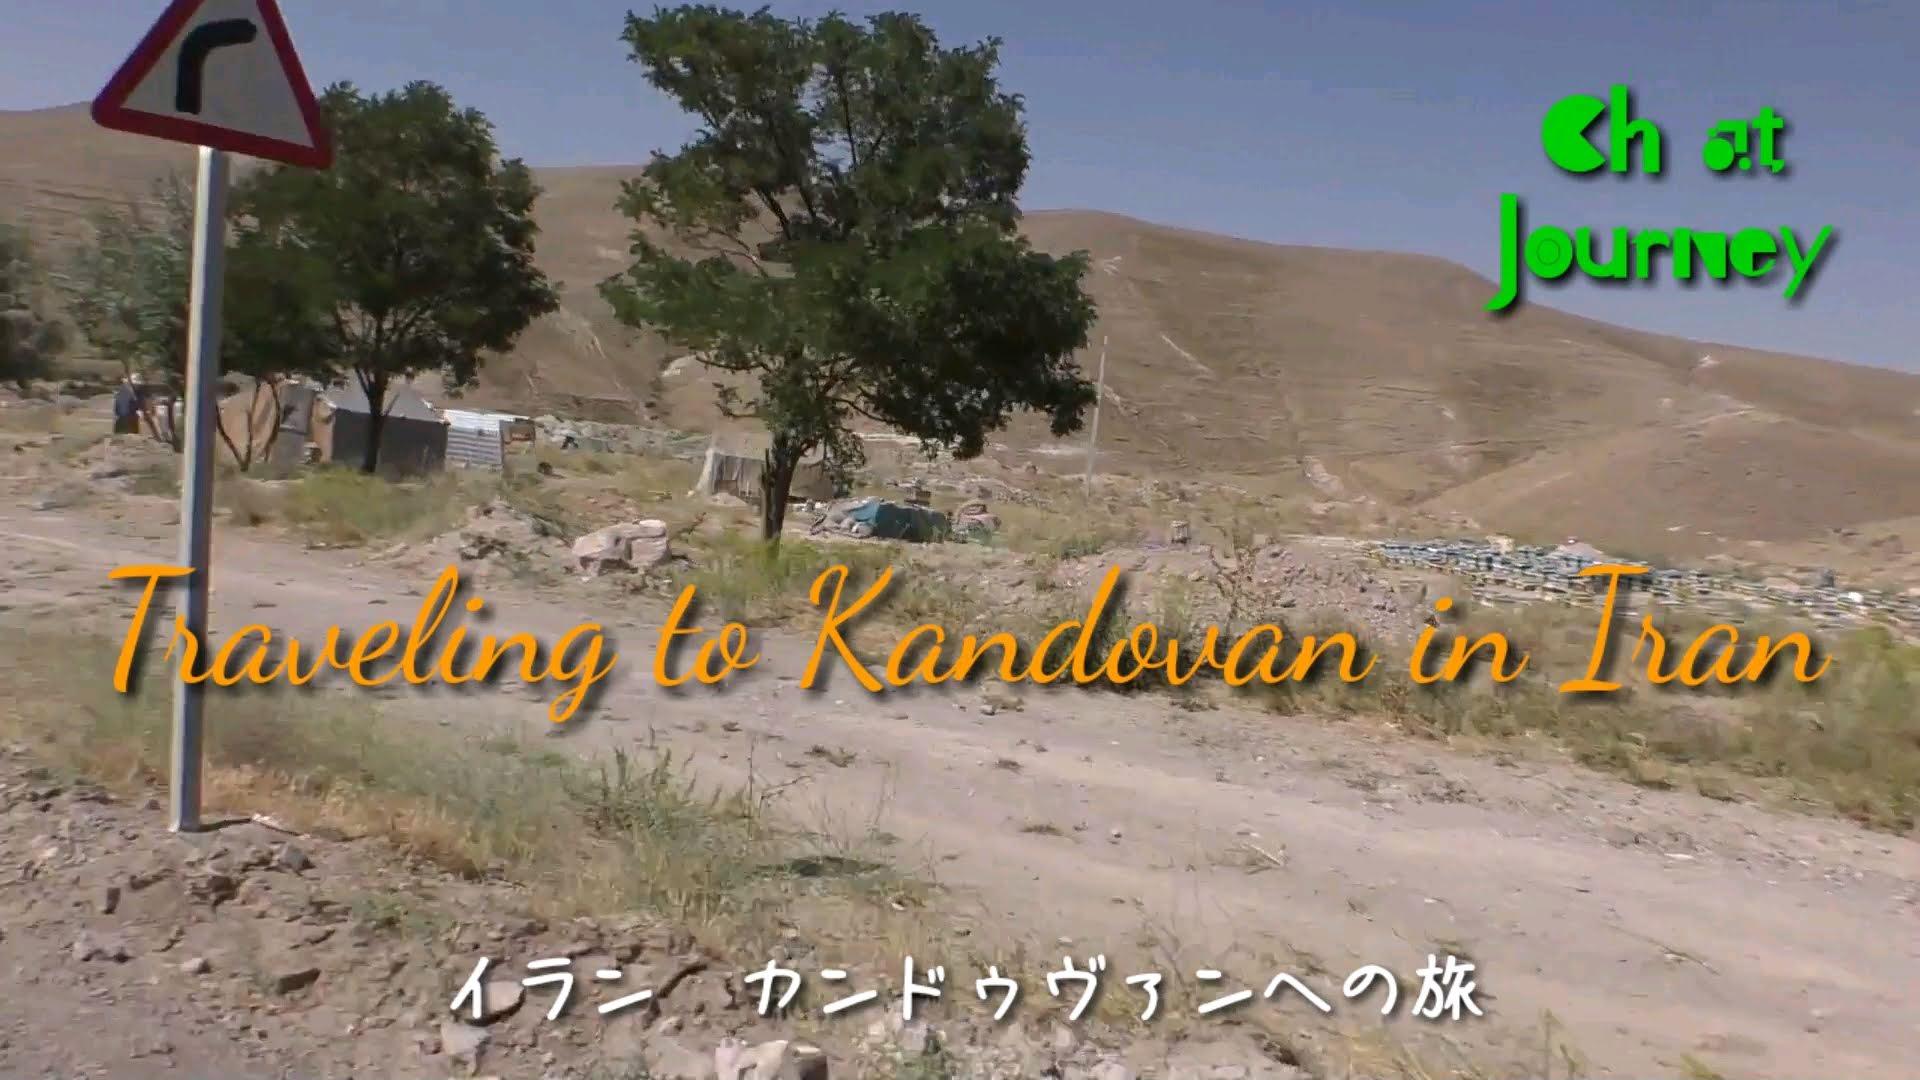 カンドゥヴァンの動画